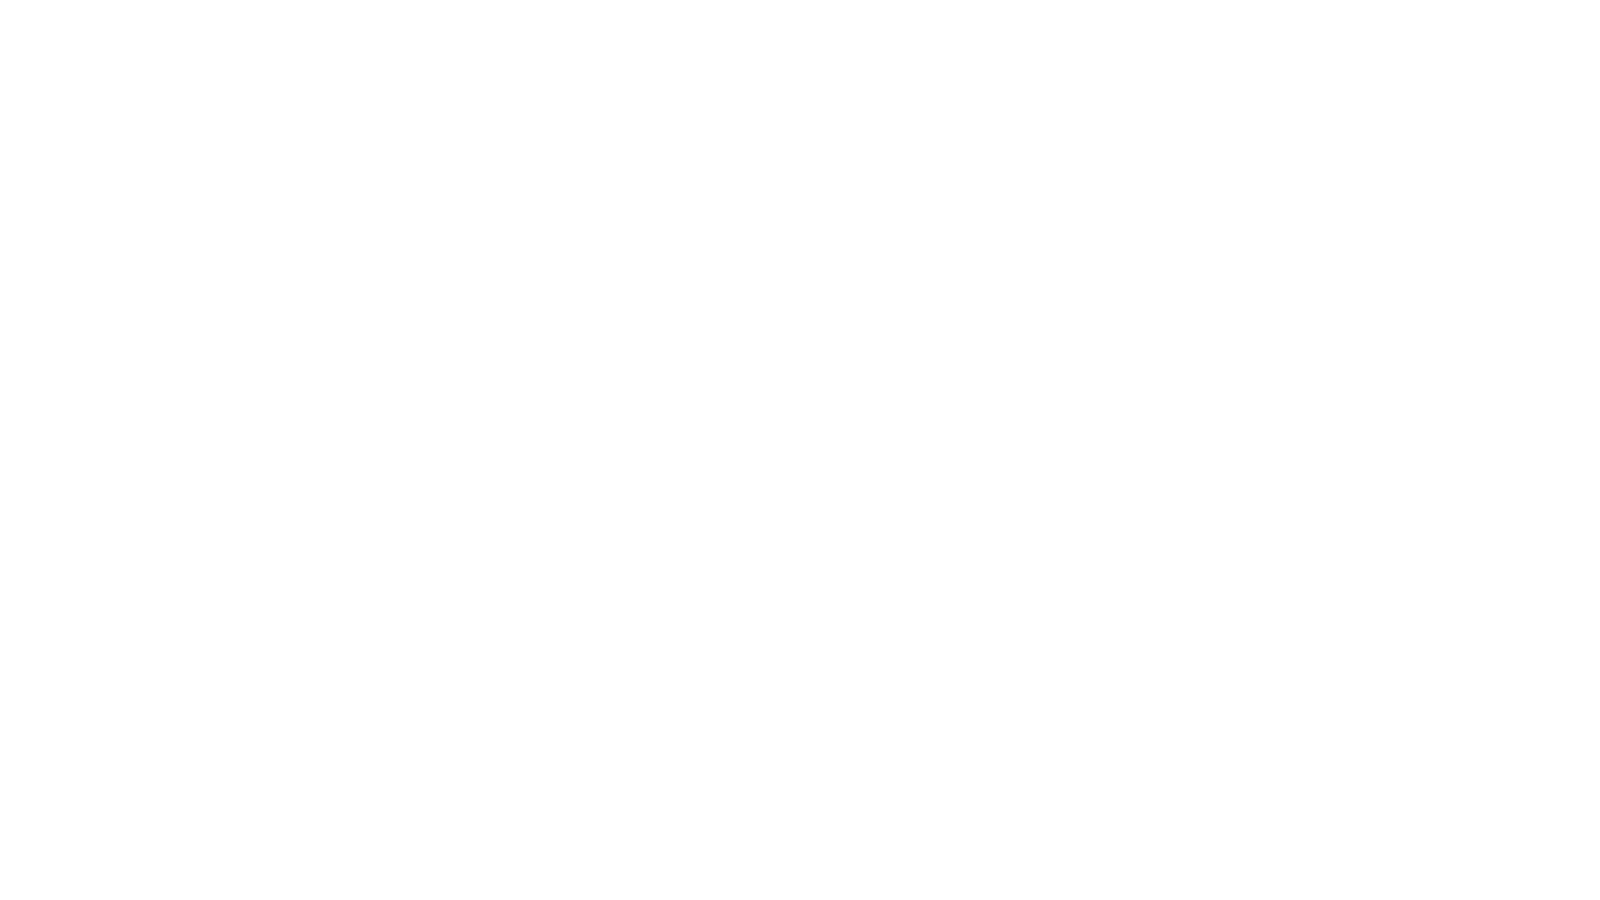 Liebe Zuschauer, der Deutsche Journalistenverband DJV versteht sich selbst als DER Journalistenverband in Deutschland und tut so, als ob hier die absolute Elite versammelt ist. Wenn man sich die Freizeittätigkeiten eines ihrer Landesgeschäftsführer ansieht und wie der Verband darauf reagiert, möchte man da nicht Mitglied sein, außer man scheißt einfach auf alles. Euer Thomas  Die Links zu den aufgerufenen Seiten und Tweets findet Ihr unten! Netzseite: https://www.digitaler-chronist.com Bitte abonniert unsere Alternativ-Kanäle odysee, Bitchute, rumble, frei3 : https://odysee.com/@Digitaler.Chronist:8 https://www.bitchute.com/channel/TIIWbiMf6vvT/ https://rumble.com/user/DigitalerChronist https://www.frei3.de/articlegroup/f5996e32-5309-4816-9caf-1697a74fd22c  Digitaler Chronist auf Telegram: https://t.me/DigitalChronist  Alle unsere Kanäle auf einer Seite, bitte folgt uns auch auf den anderen Plattformen, man weiß nie... https://linktr.ee/digitaler.chronist  Wenn Ihr unsere Arbeit unterstützen möchtet... https://www.paypal.me/DigitalerChronist Bitcoin: 3Mq26ouX6QZAQcyyb79hjPjFcrgENBVBec  #DigitalerChronist, #DC #CO2istLeben, #WachAuf, #ausGEZahlt  Hintergrund: Eigenproduktion Es handelt sich hierbei um Polit-Satire. Falls sich irgendjemand beleidigt fühlt, bitte ich um Entschuldigung!  Art. 5 III Satz 1 GG, Kunst- und Wissenschaftsfreiheit  DEUTSCHER JOURNALISTEN-VERBAND LANDESVERBAND THÜRINGEN https://www.djv-thueringen.de/startseite/ueber-uns/djv-thueringen/geschaeftsstelle  Sebastian Scholz gewalttätig und verlogen https://youtu.be/b7Y7Hy1i1cM  Journalisten-Verband-Geschäftsführer bringt einen Demonstranten aktiv zu Fall https://www.tichyseinblick.de/daili-es-sentials/journalisten-verband-geschaeftsfuehrer-bringt-einen-demonstranten-aktiv-zu-fall/  DJV Thüringen https://www.youtube.com/channel/UCLe777r8JH7efVqcUzJuC3Q  Deutscher Journalisten-Verband - DJV https://www.youtube.com/c/Journalistenverband